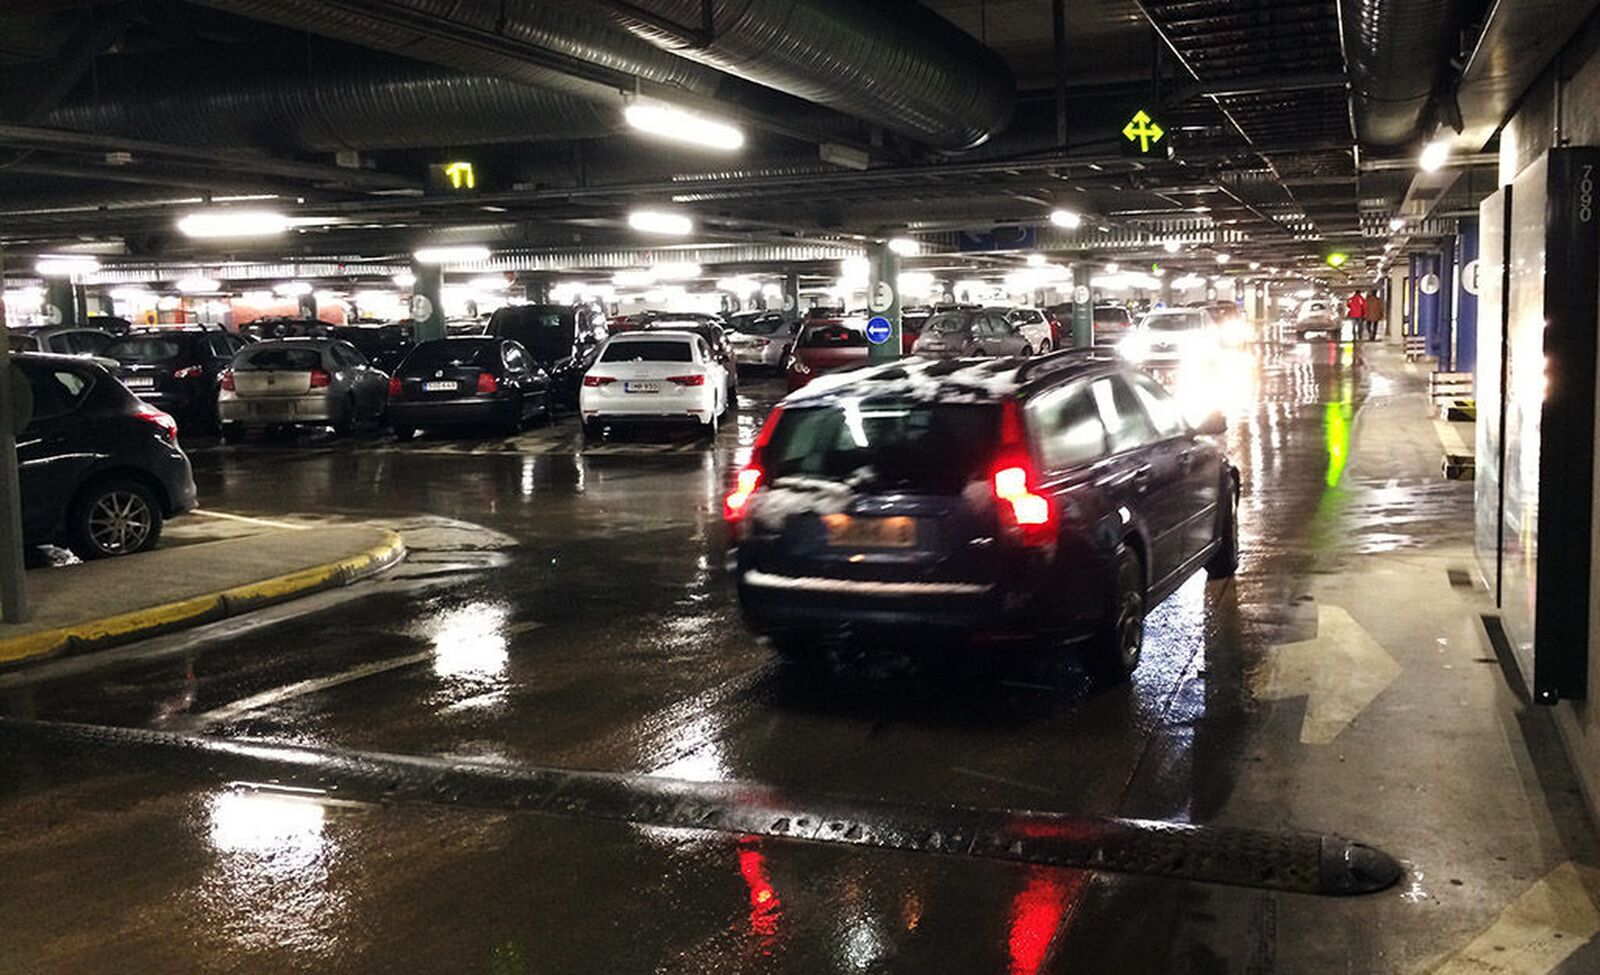 Kuka korvaa? Tämä tilanne aiheuttaa eniten epäselvyyksiä parkkipaikkakolareissa